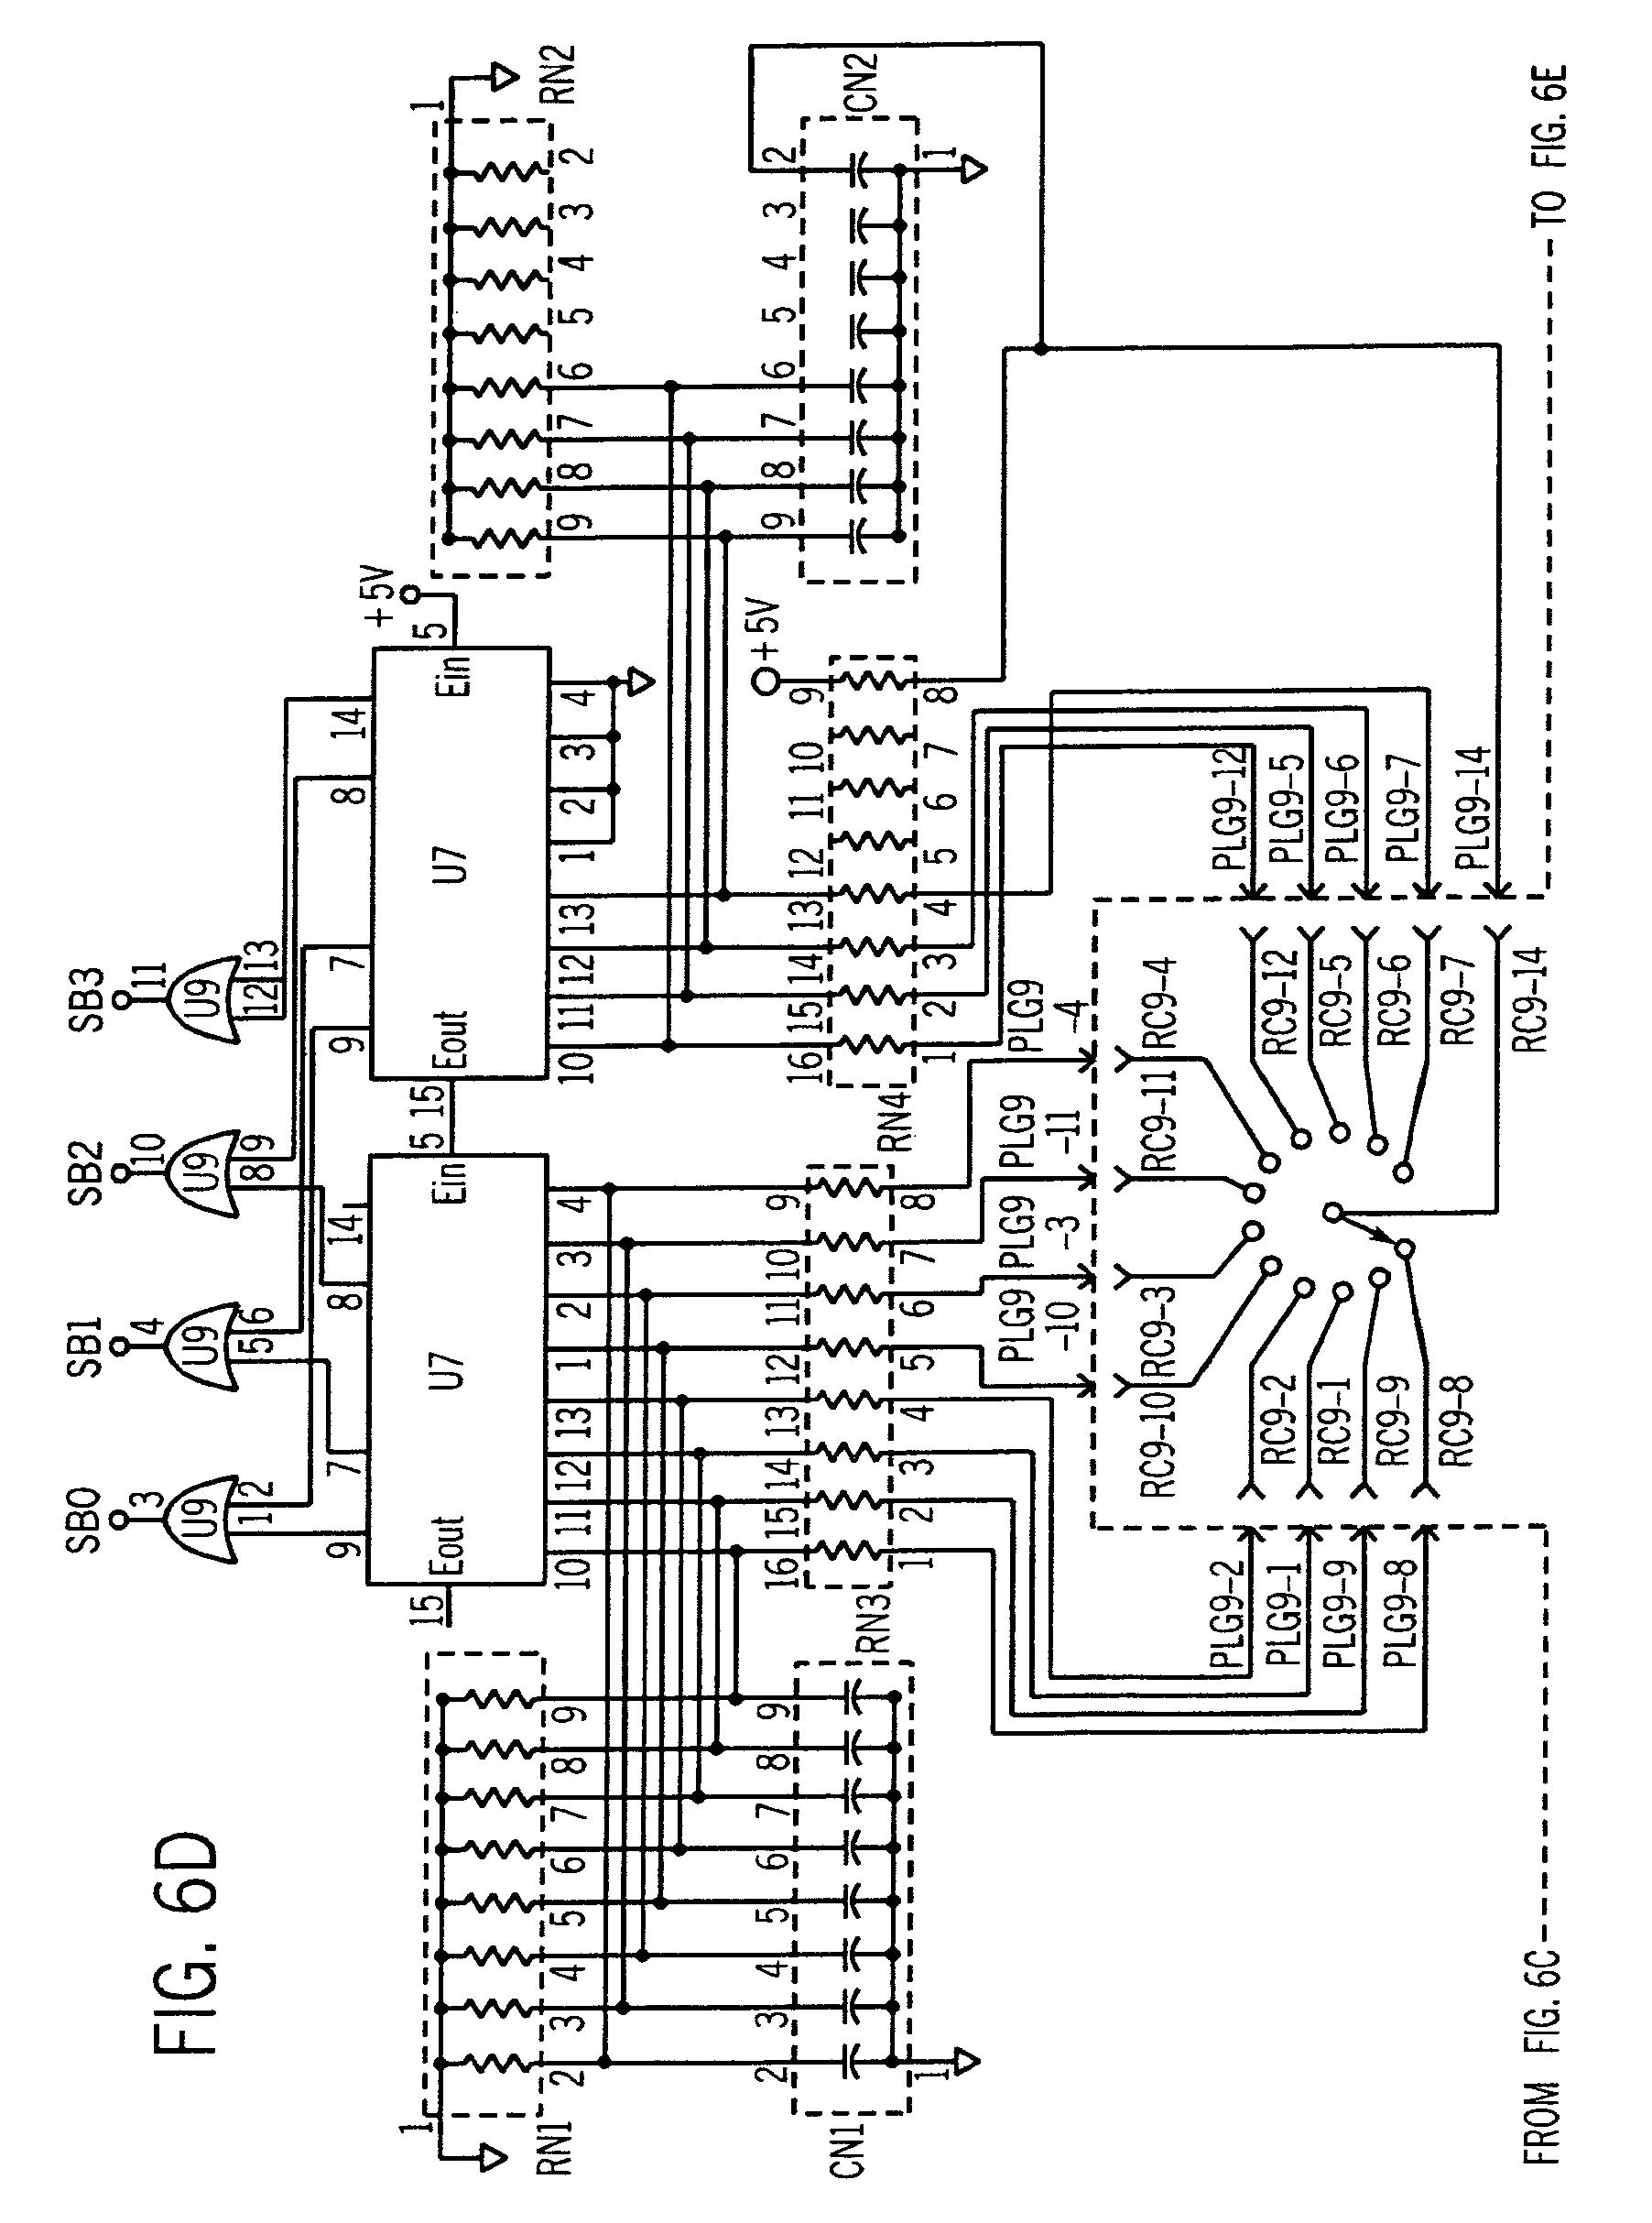 Wire Diagram 50 Amp Cord